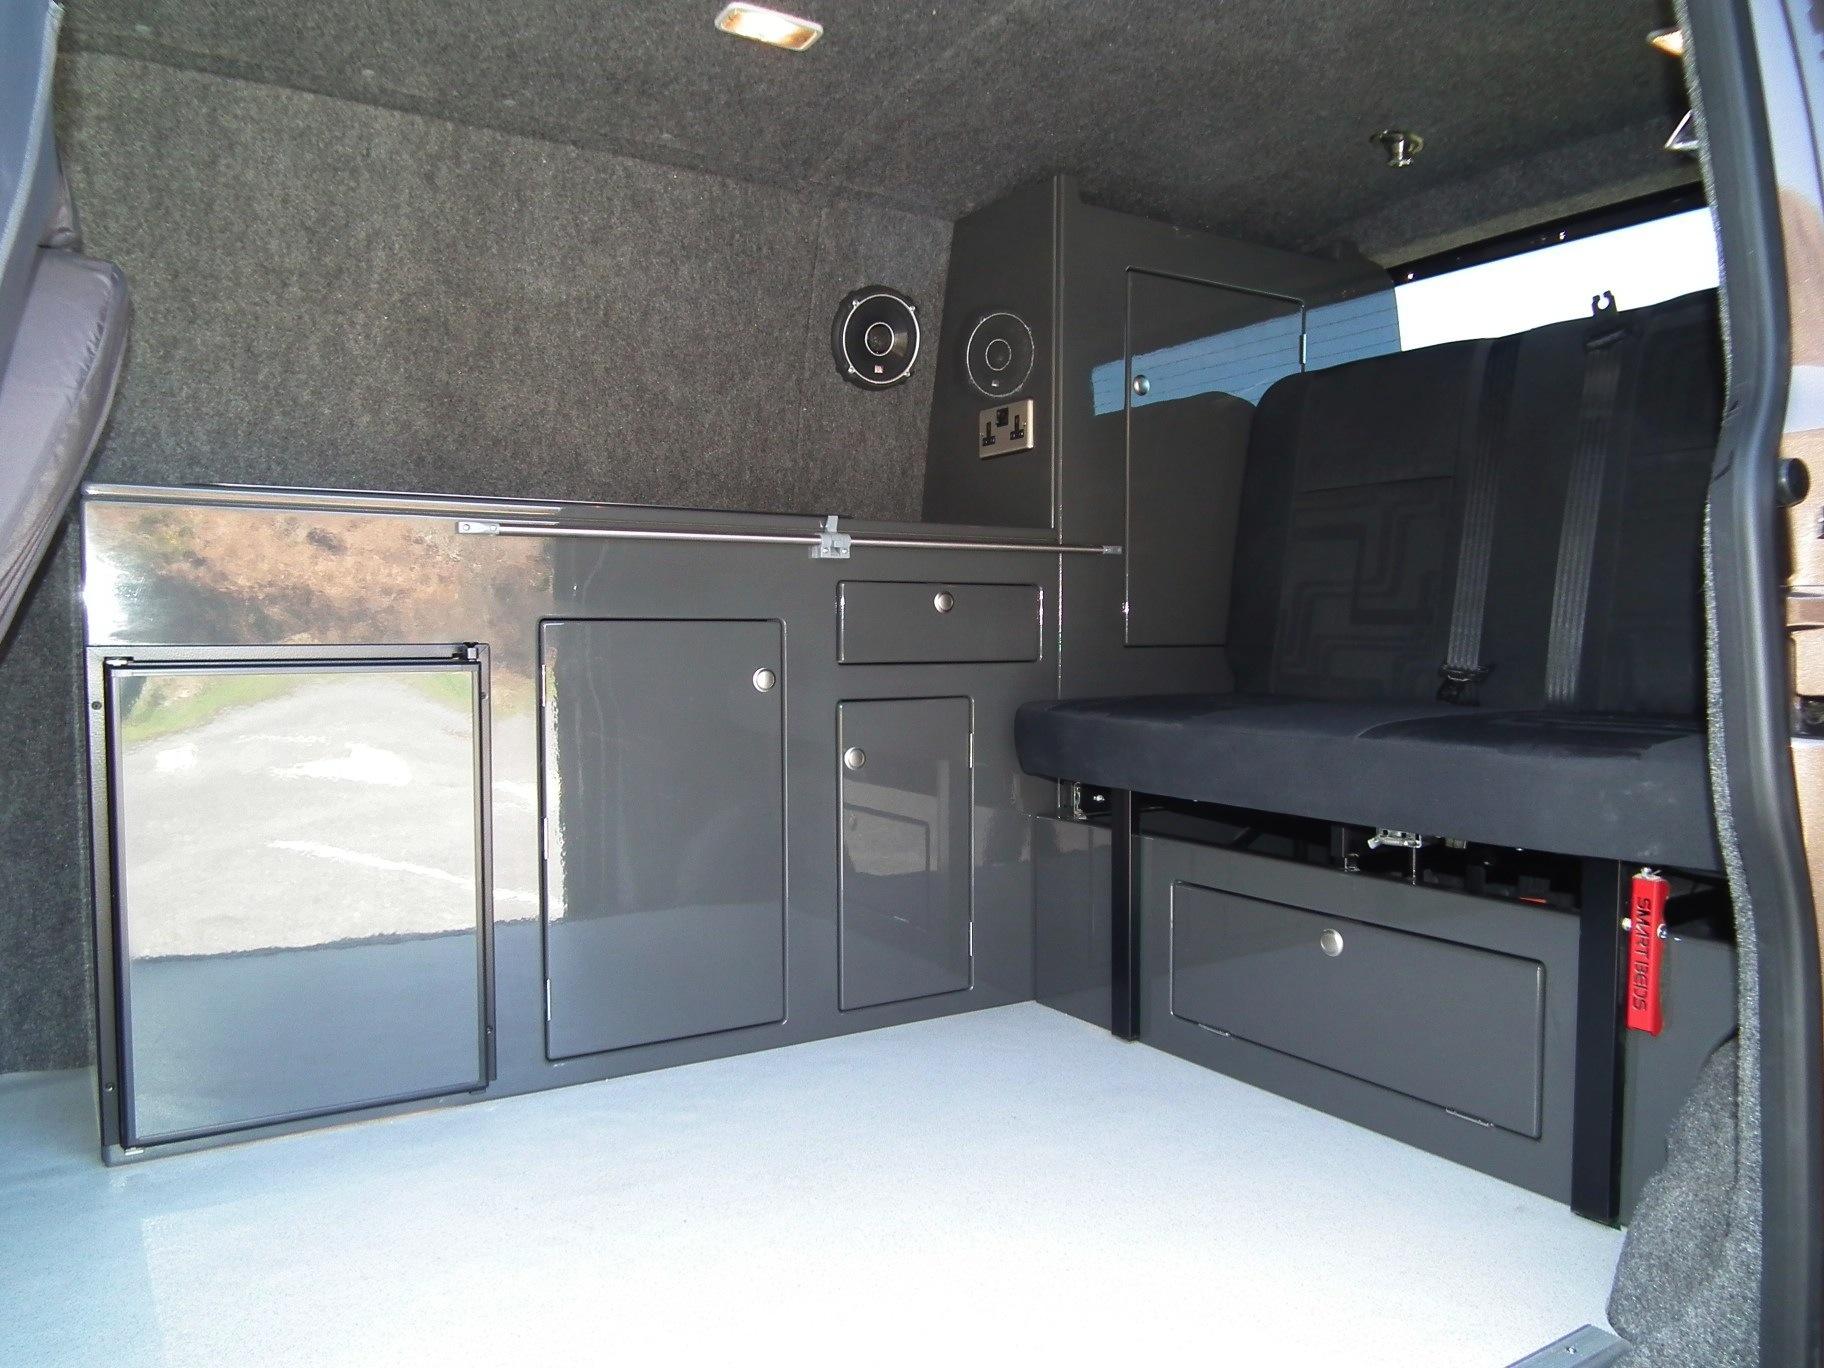 Kustominteriors Camperinterior T5 Vw Camper Interiors